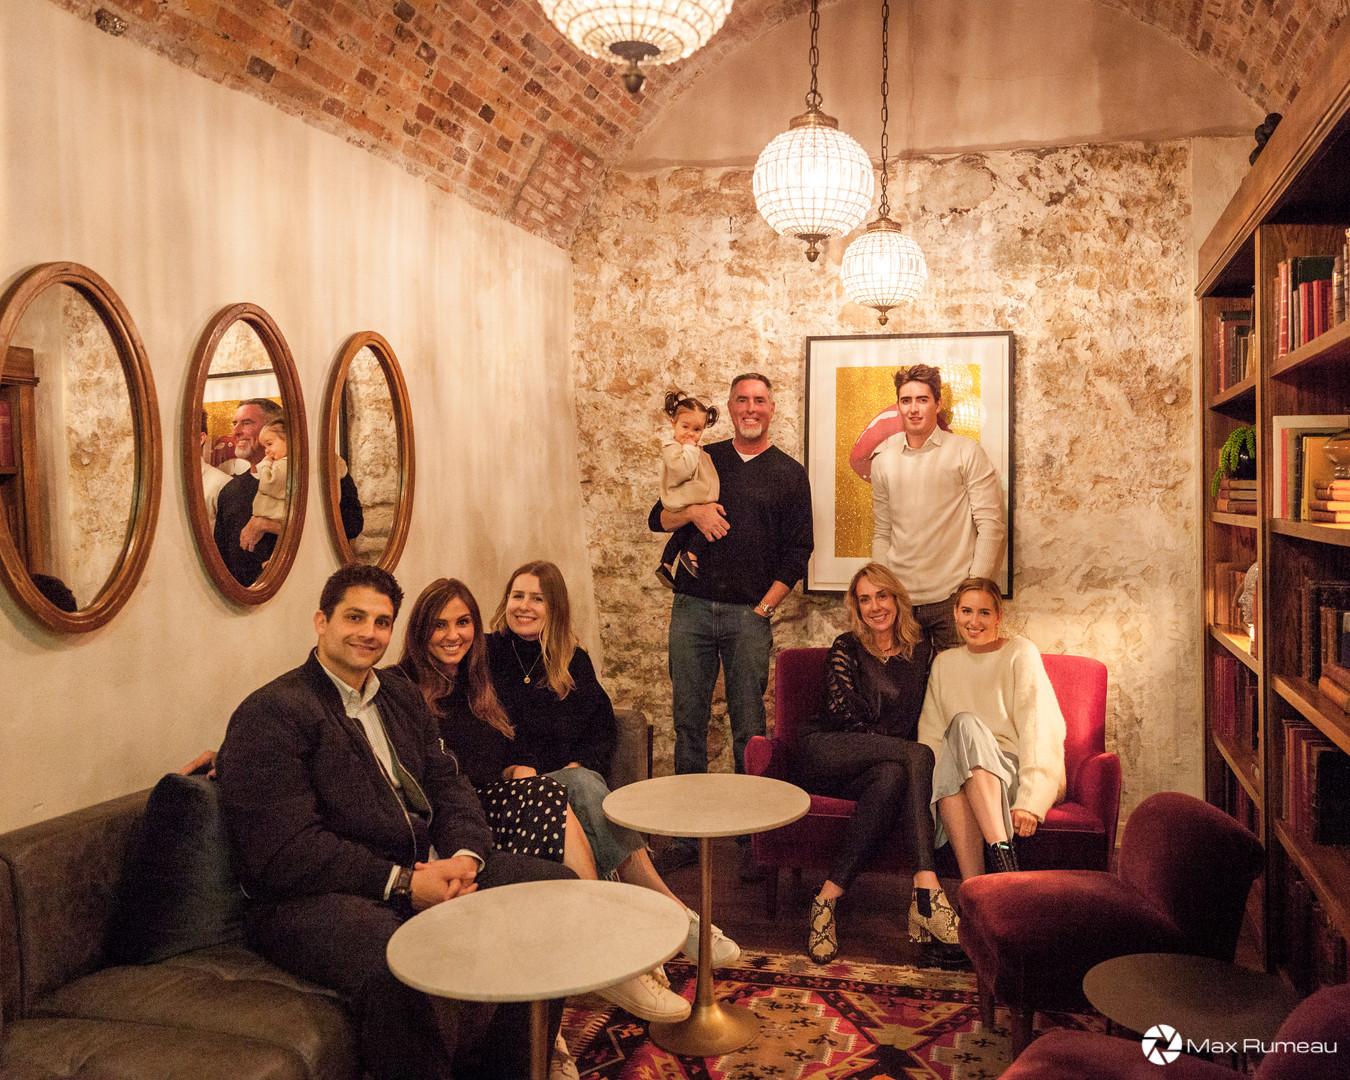 Indoor Photoshoot in Paris